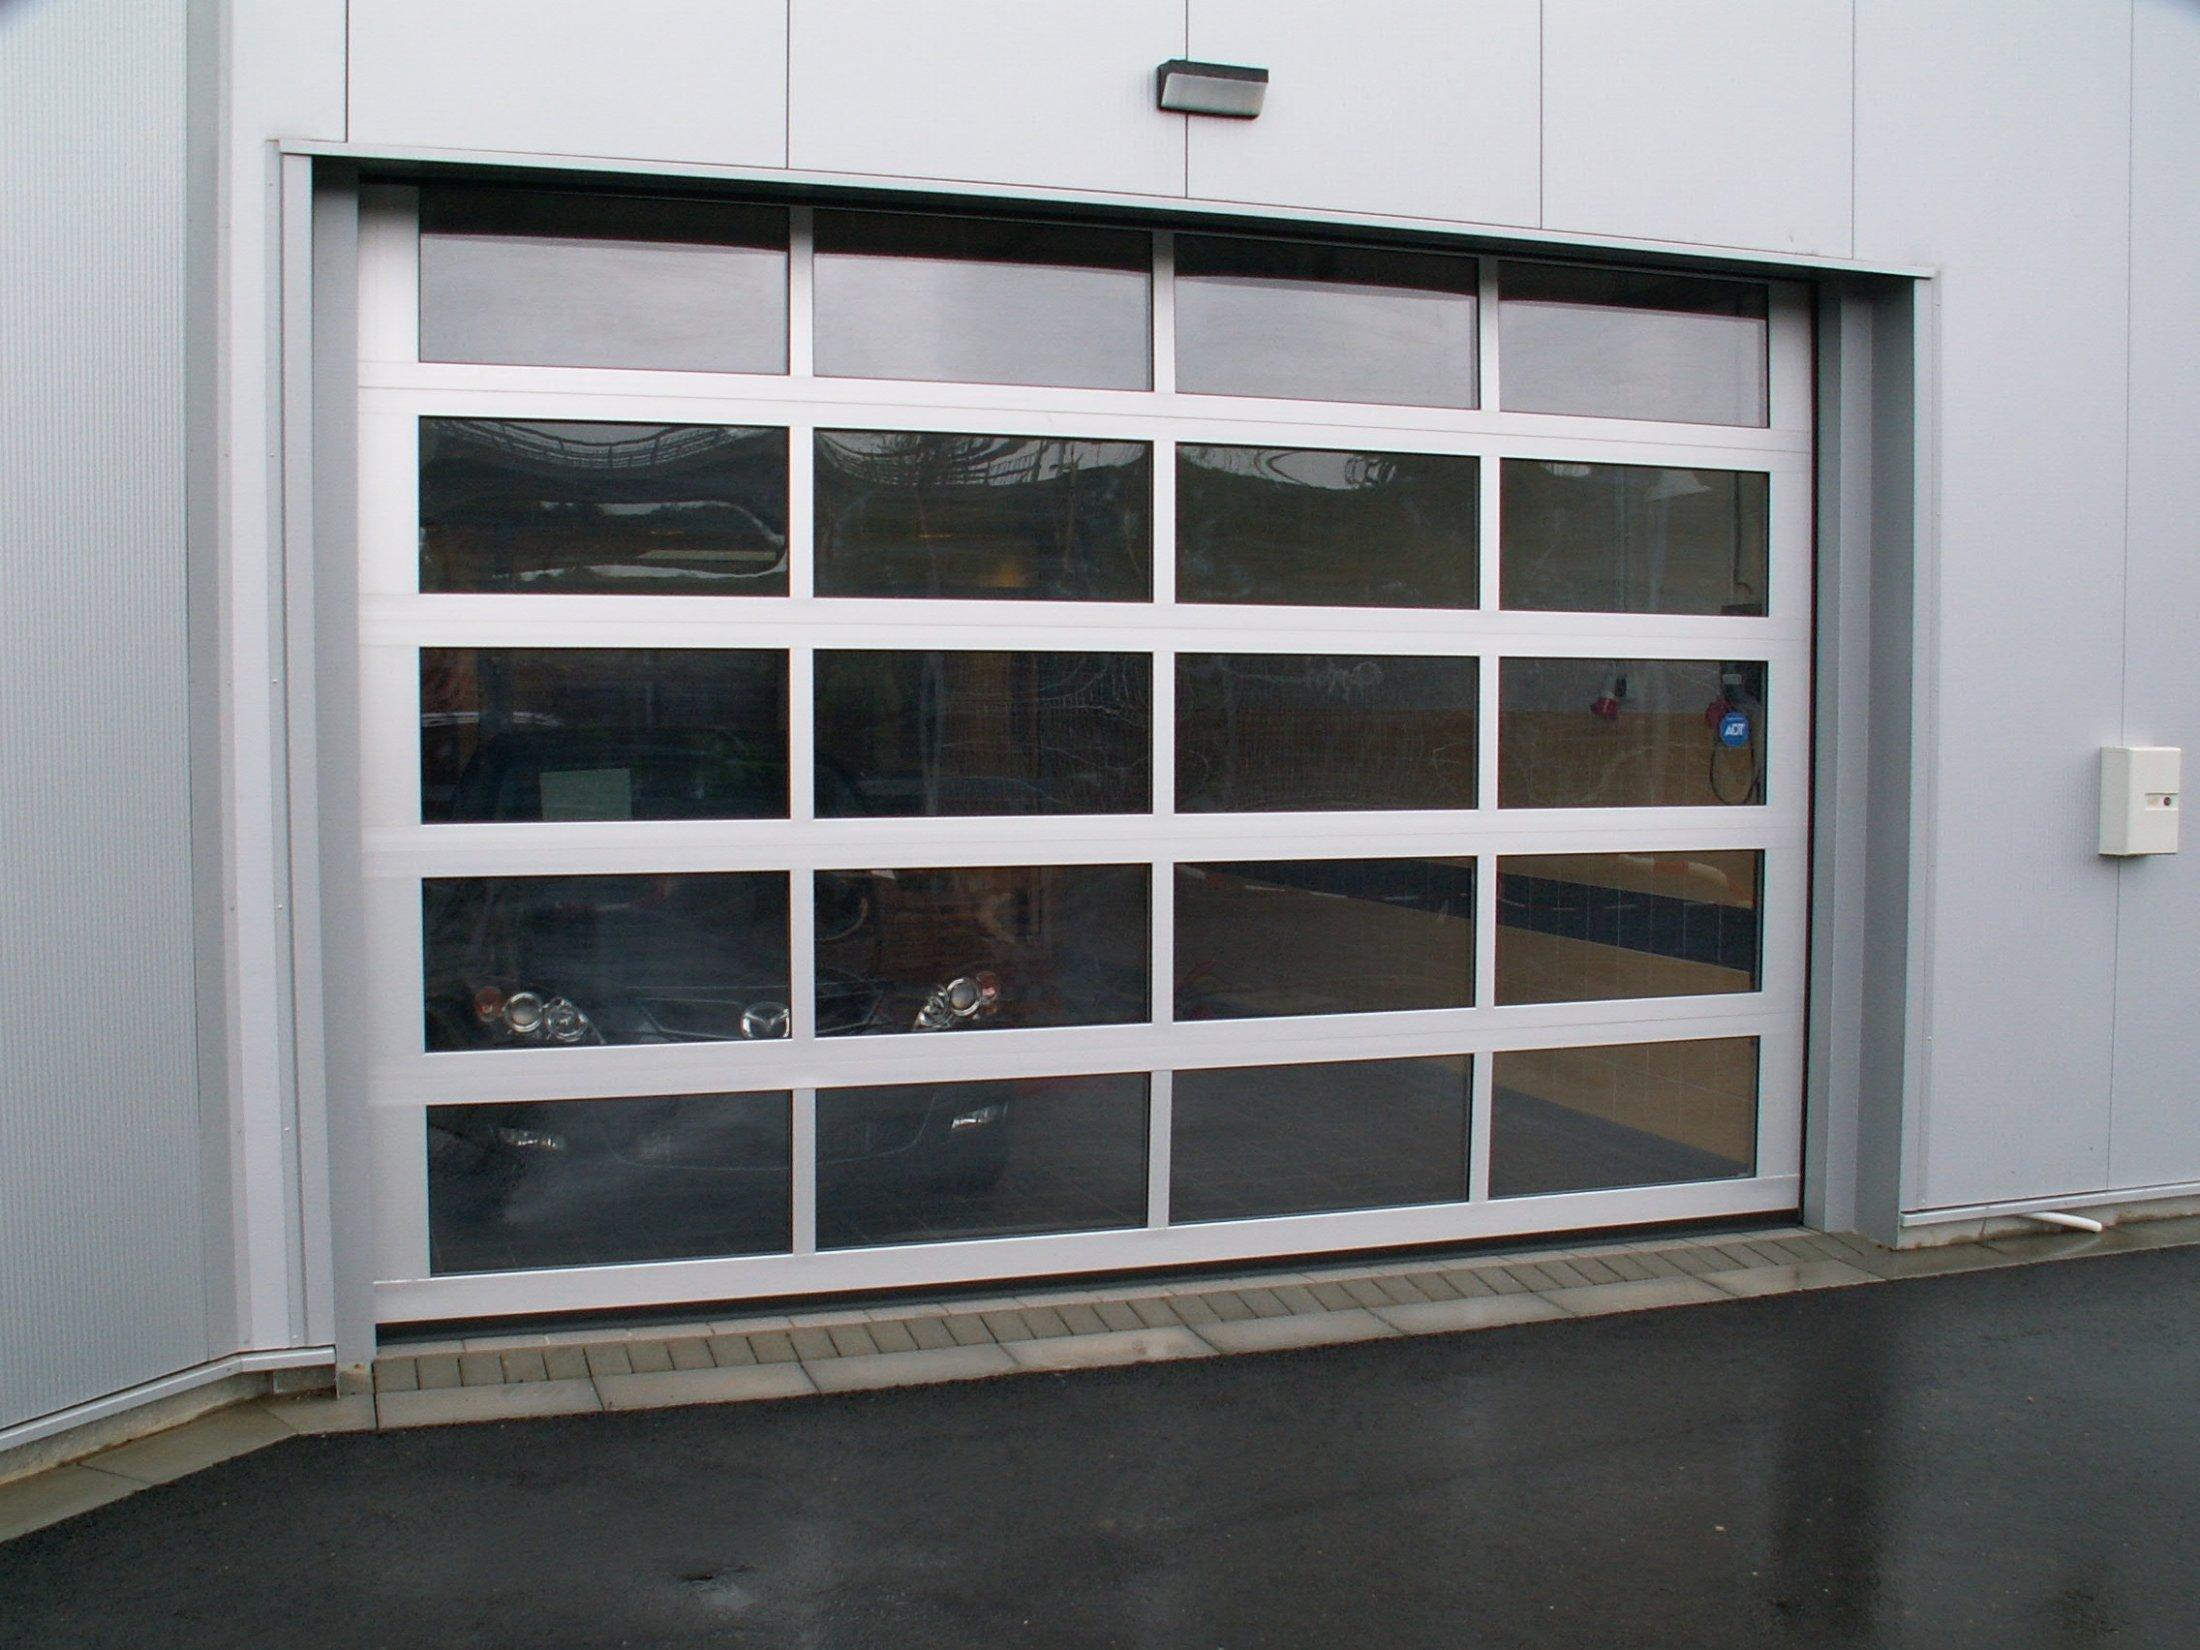 Sektionaltor Aluminium-Rahmen-Sektionen vollverglast